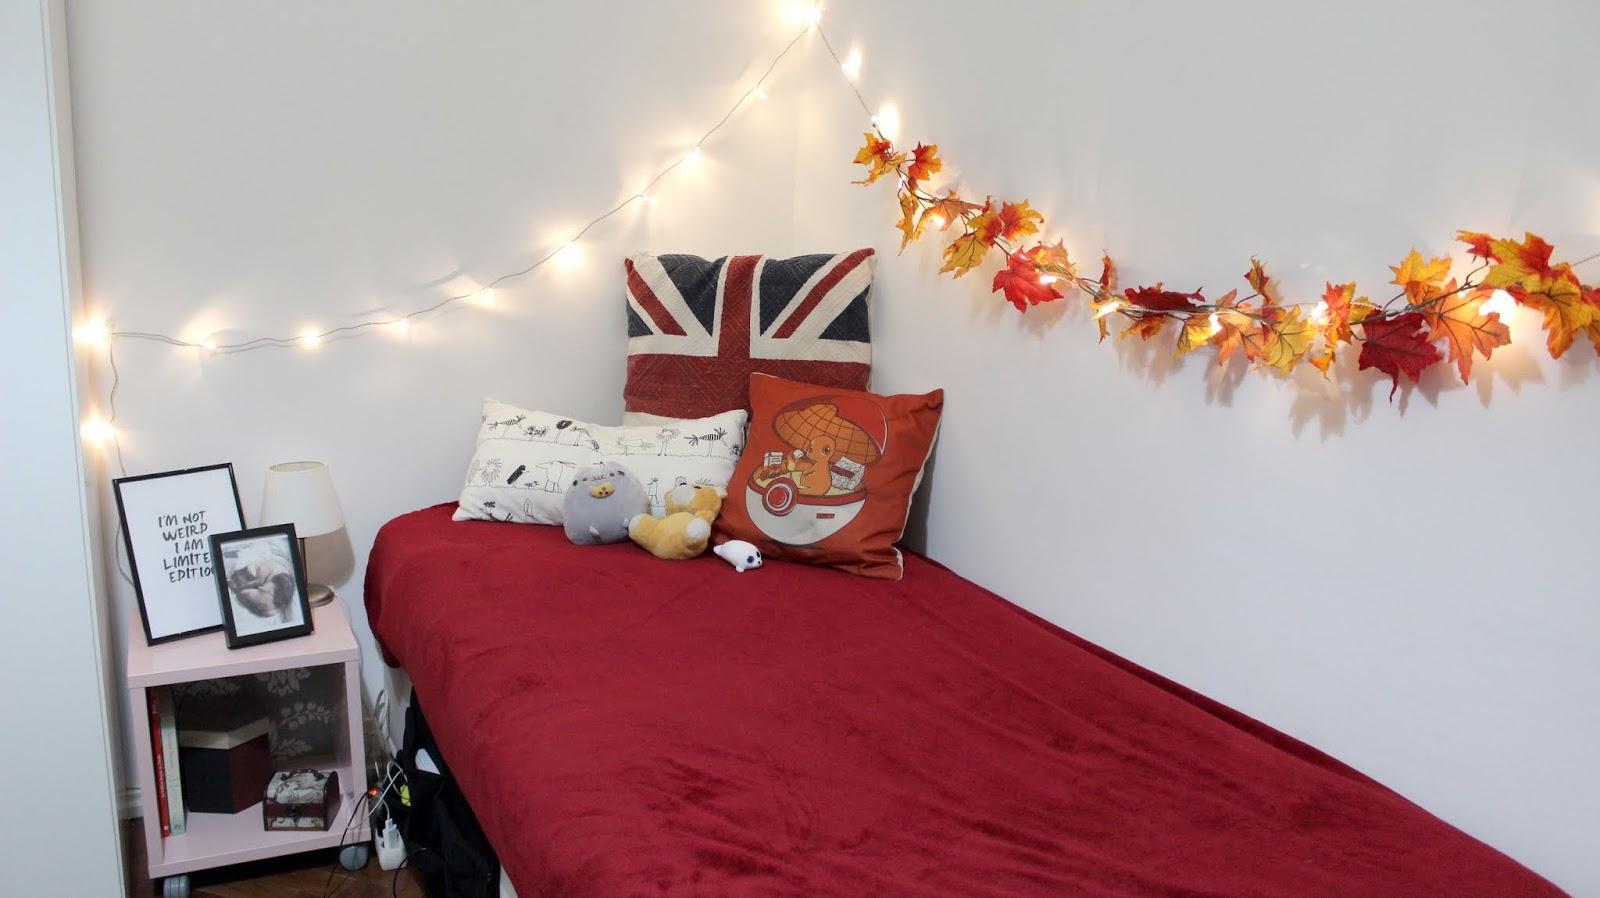 como decorar um quarto alugado depois